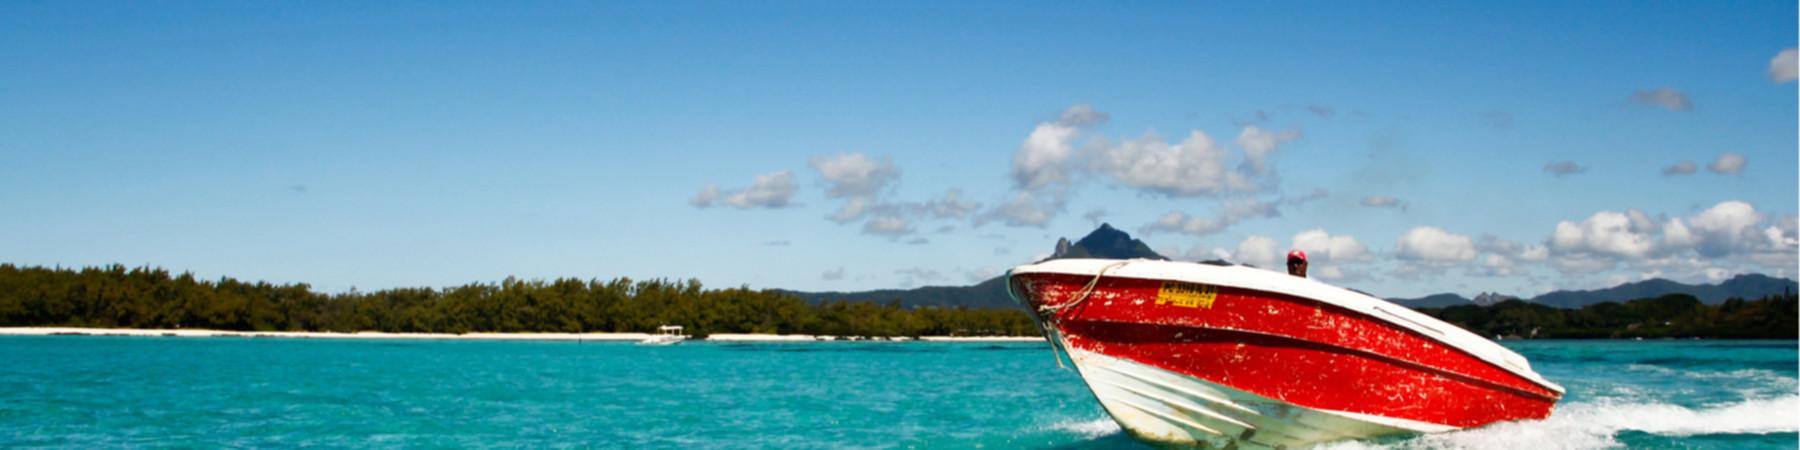 Mauritius  Wikitravel